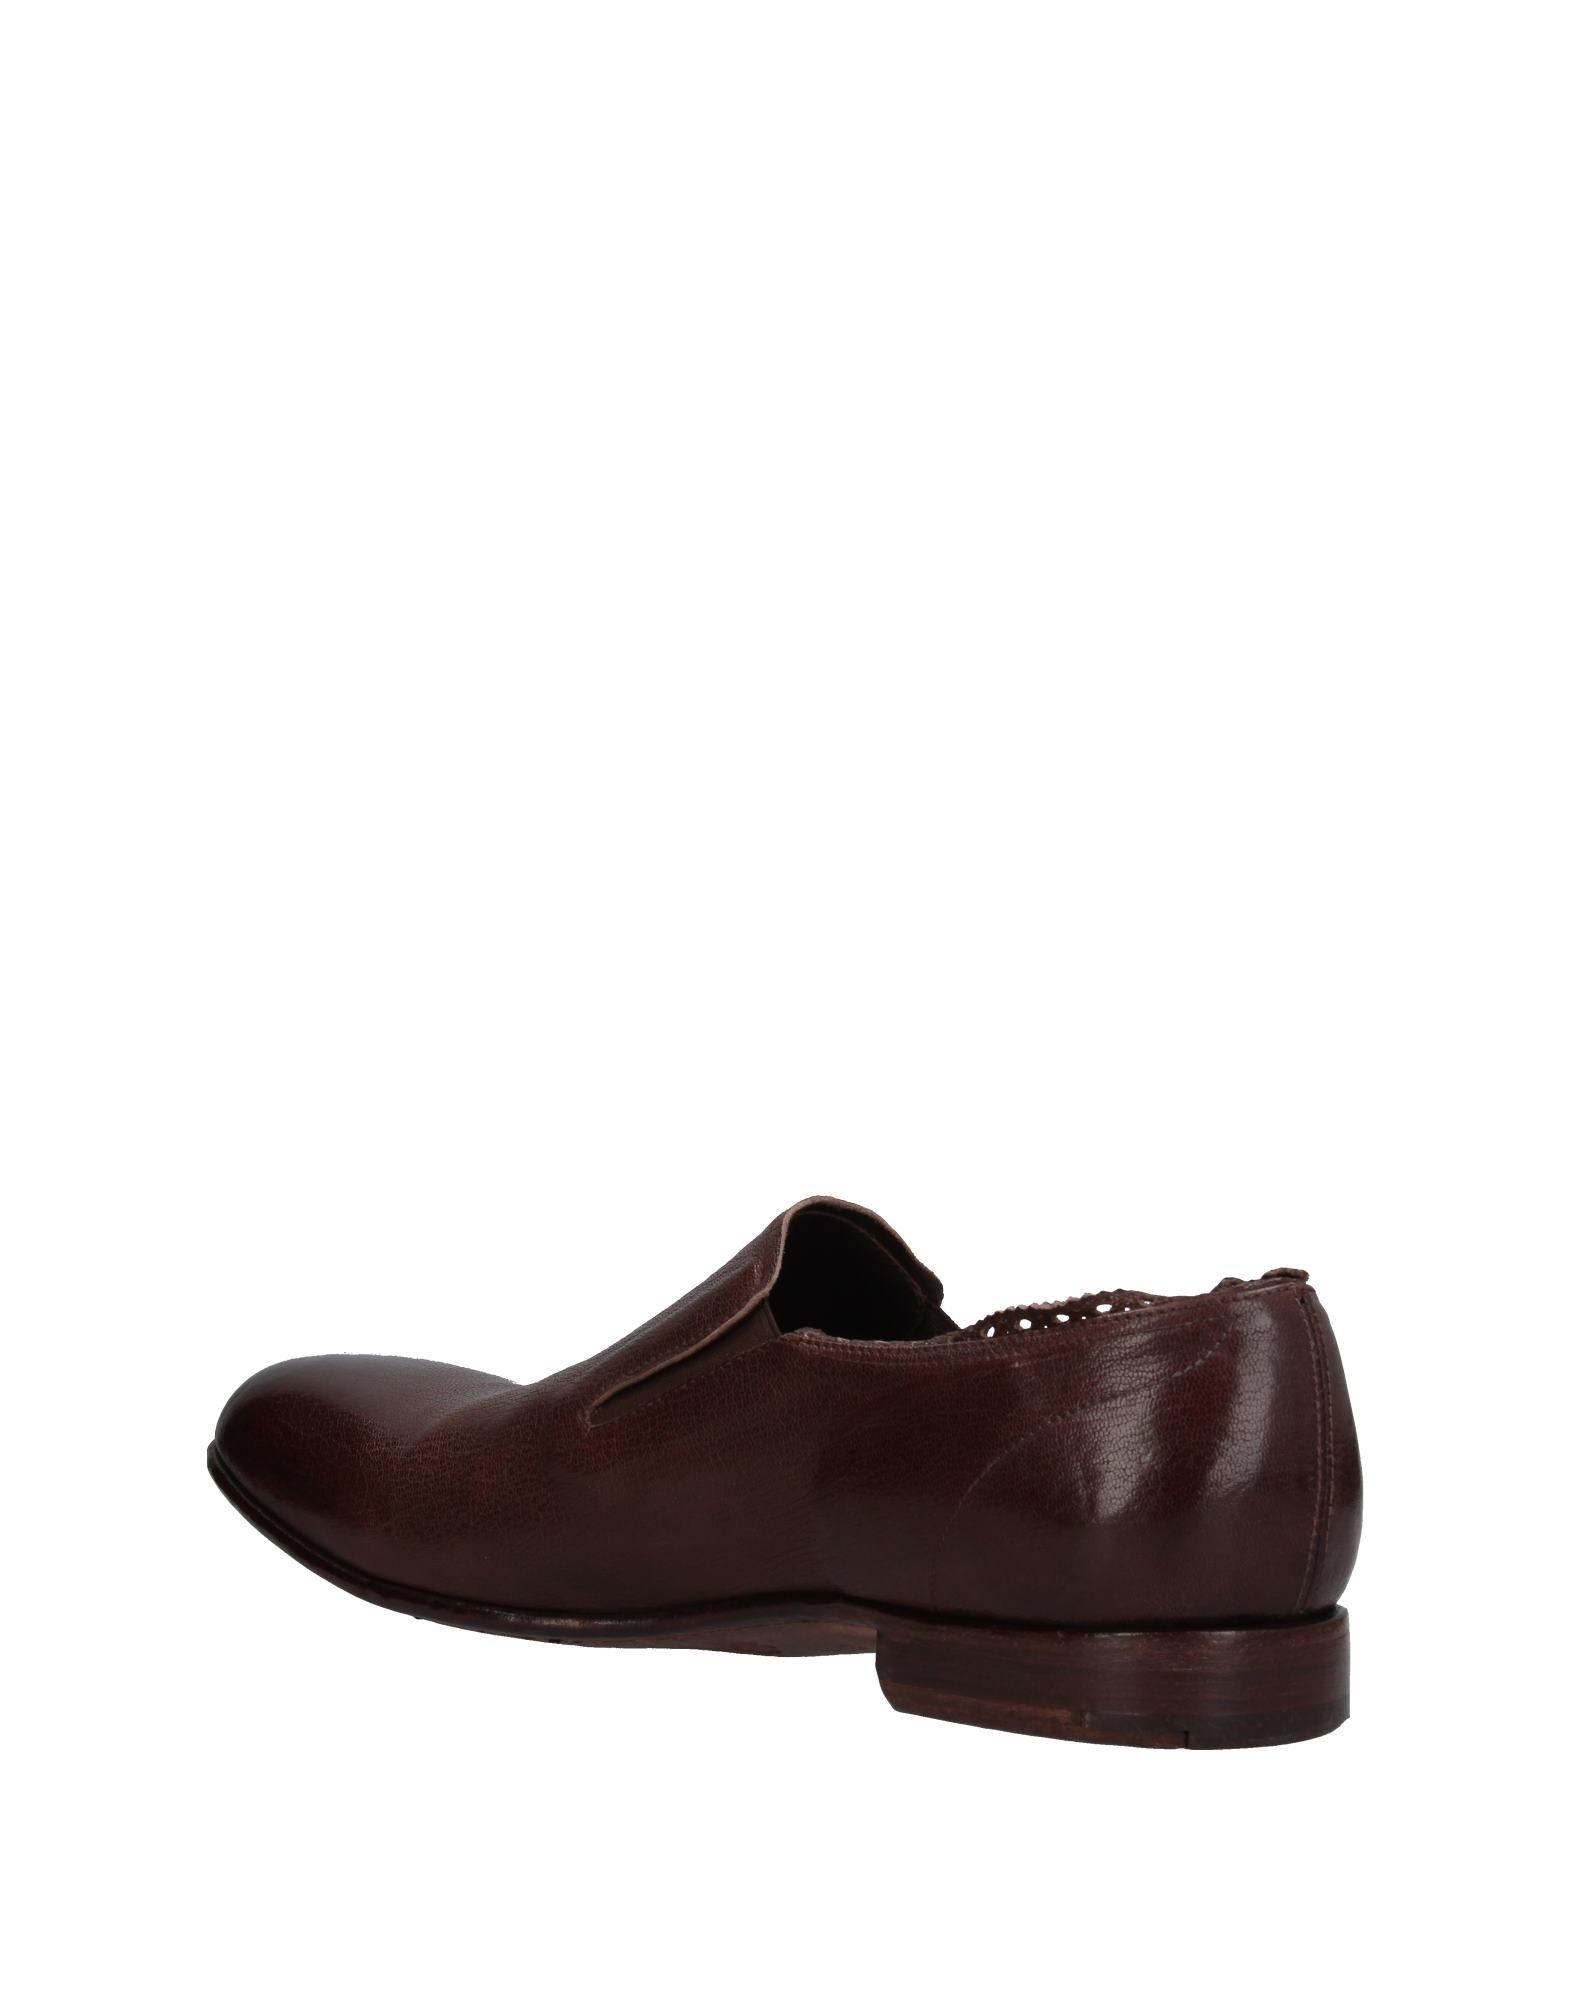 Alberto Fasciani Mokassins Herren  Schuhe 11387261KI Neue Schuhe  7450bd